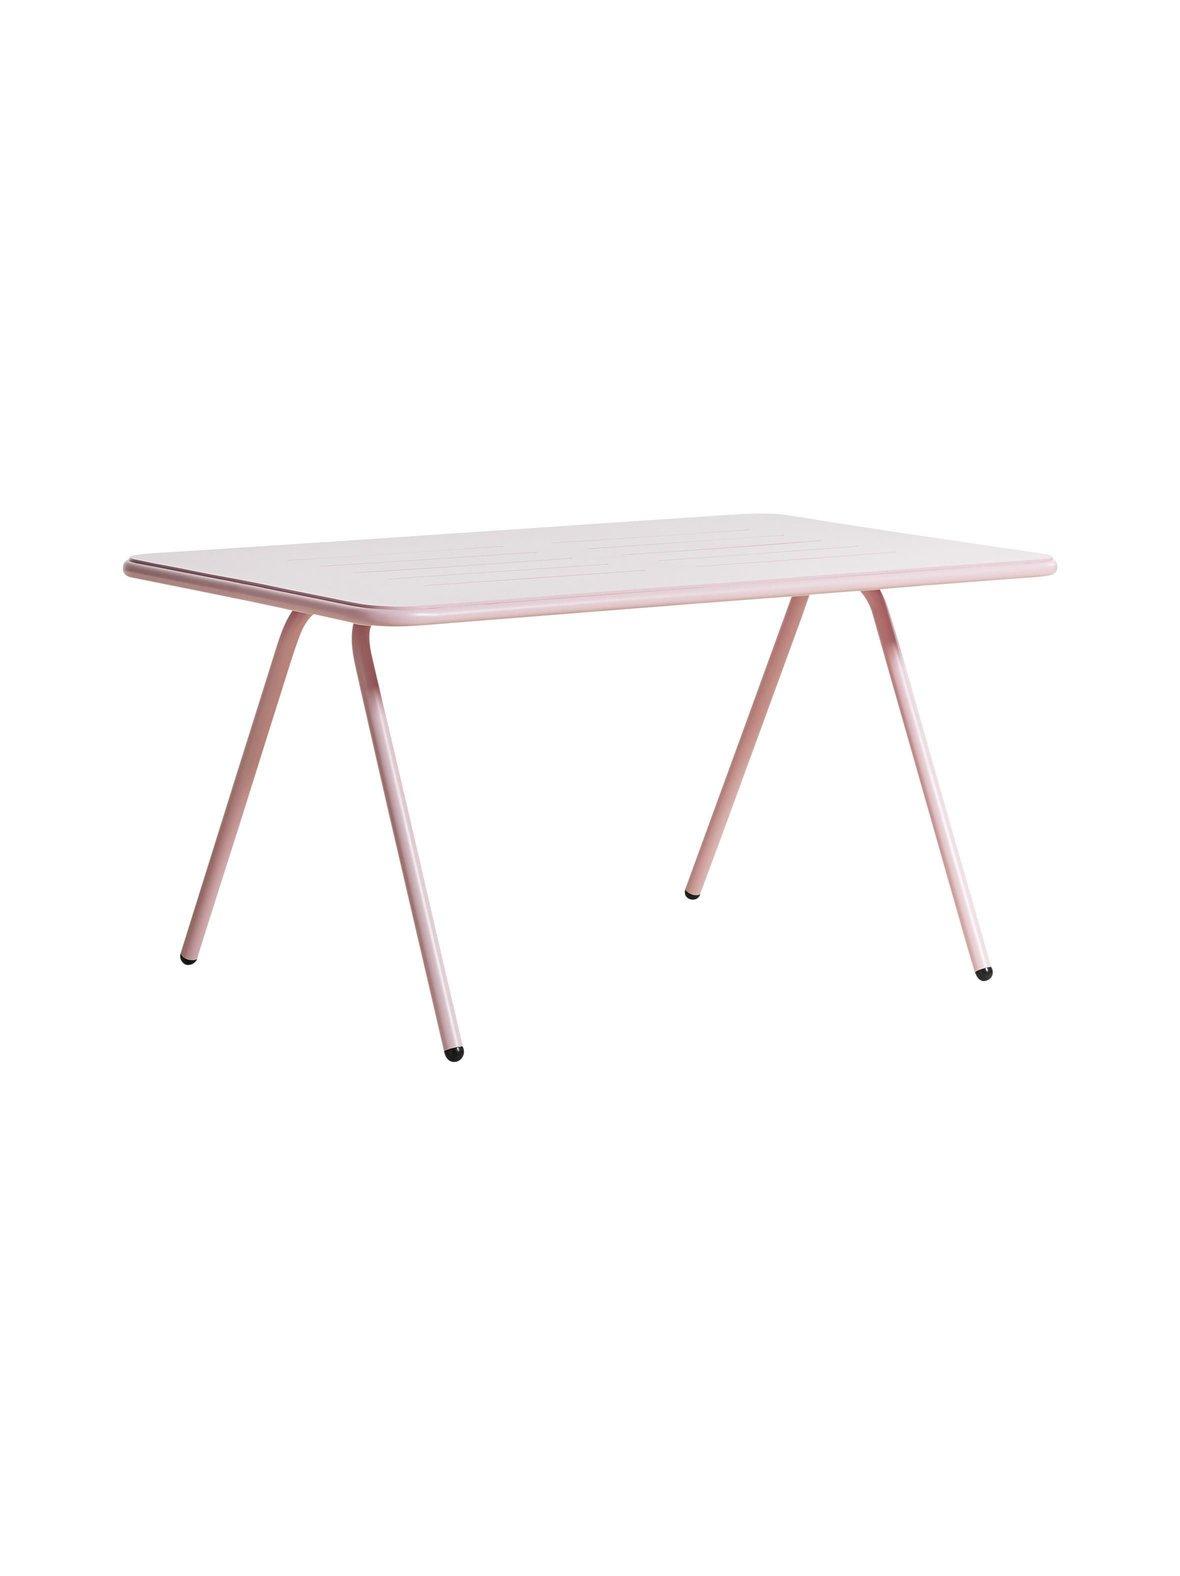 RAY Dining Table pöytä 140 x 85 cm